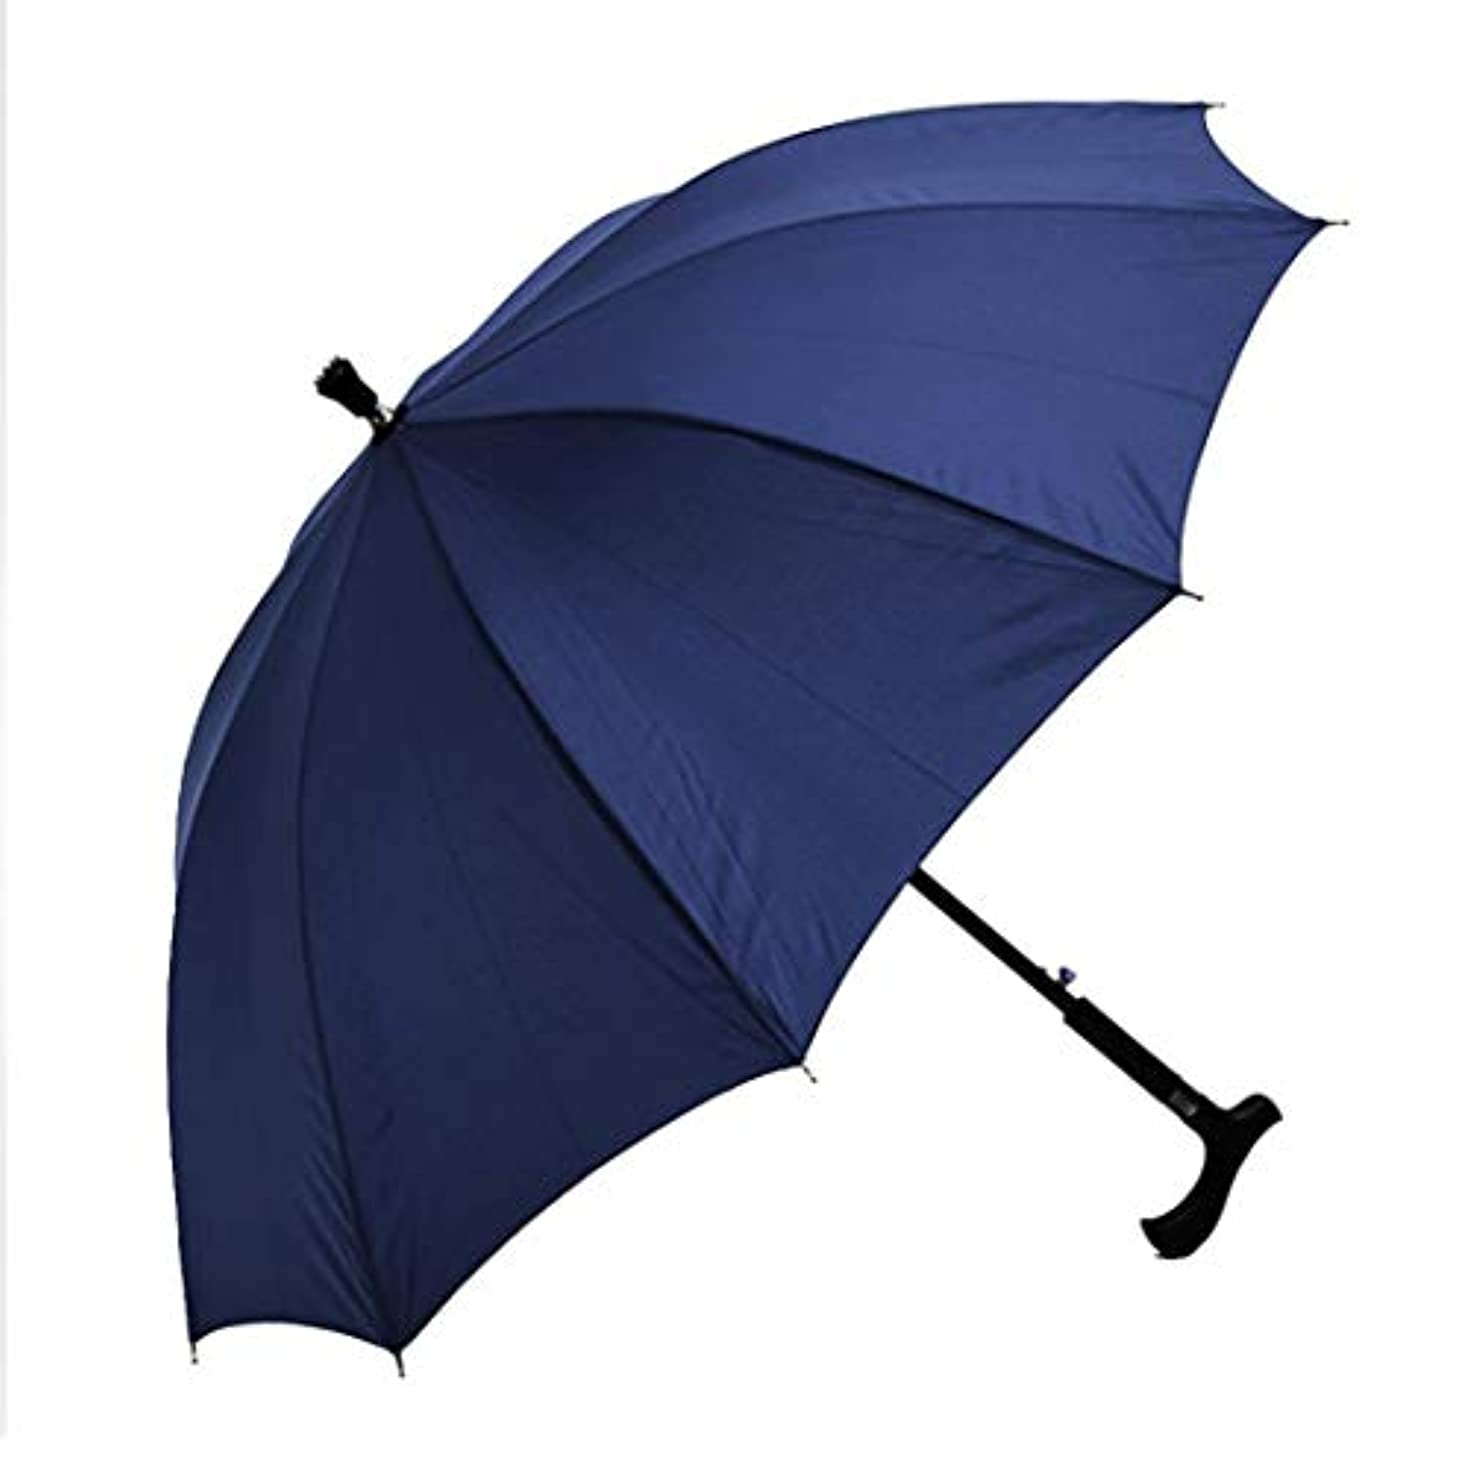 事件、出来事ゴムなめらかなcomentrisyz 2-in-1 クライミング ハイキング スティック 松葉杖 防風雨 サン 傘 - ブルー